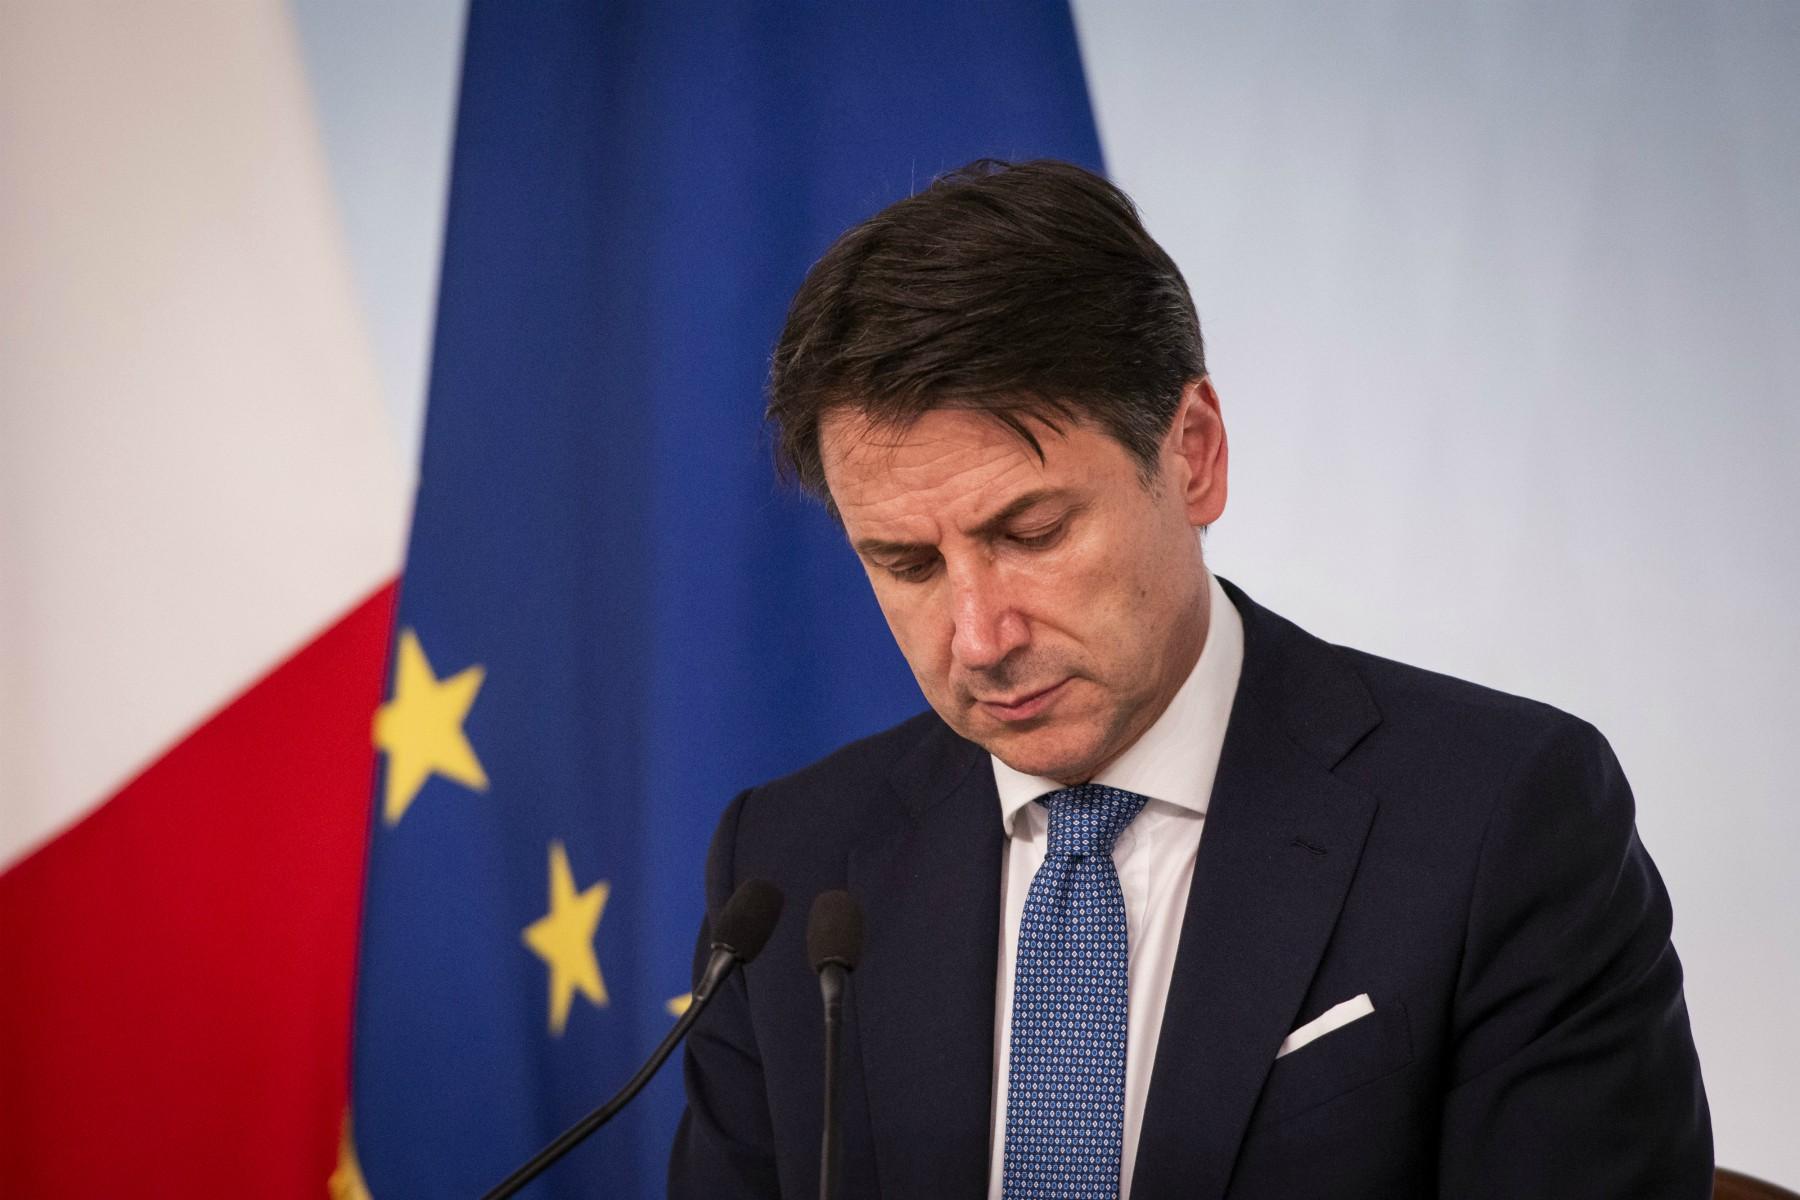 Coprifuoco in Italia alle 22 e lockdown locali e regionali: il nuovo DPCM